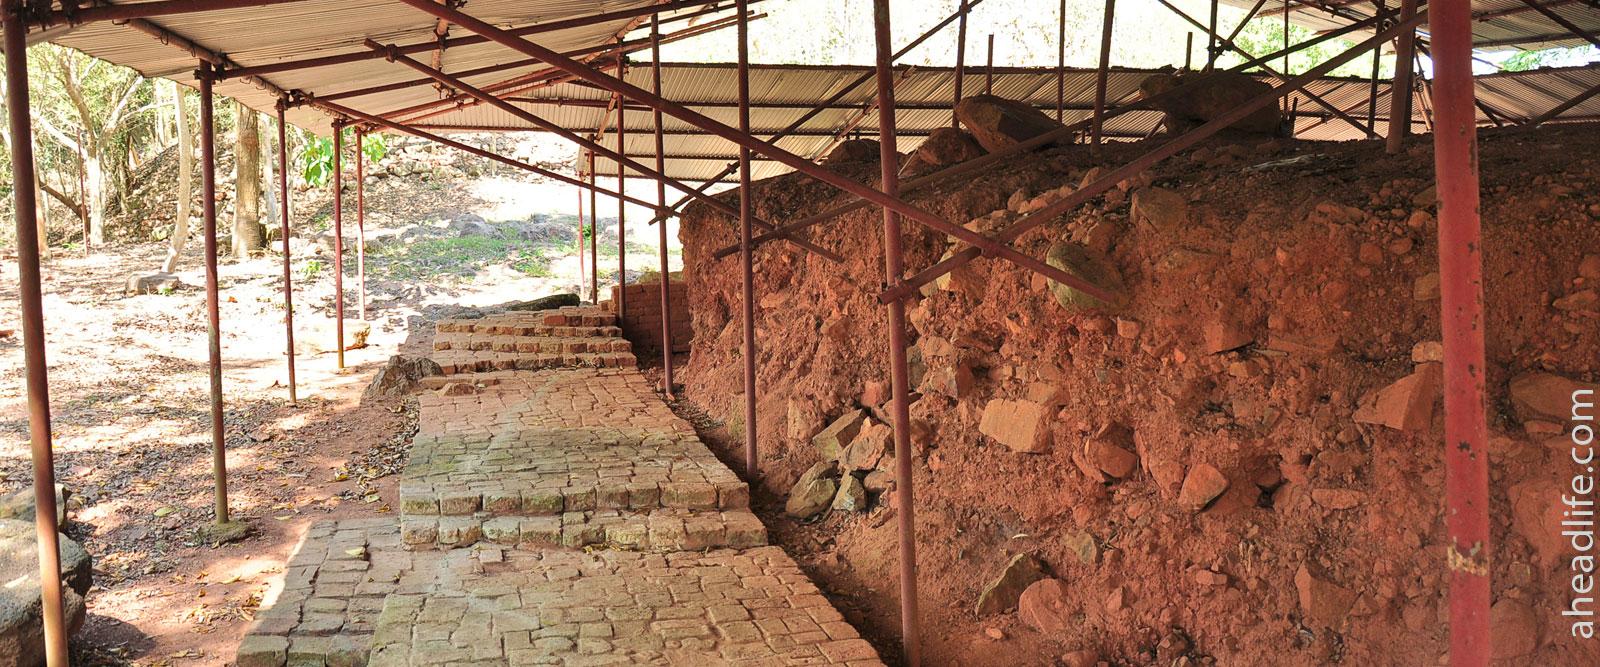 Раскопки на Холме Шри Виджаи